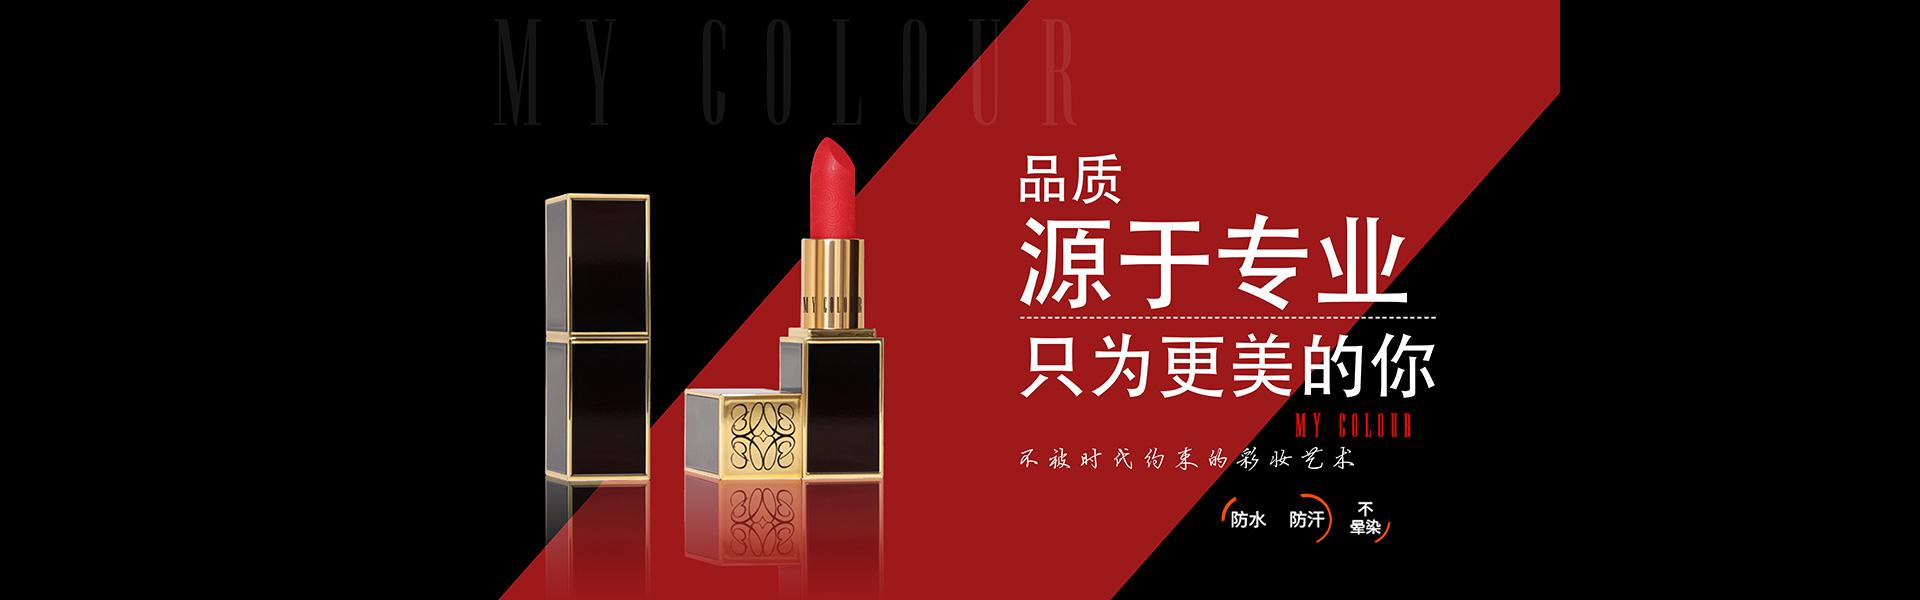 山东缔美化妆品有限公司